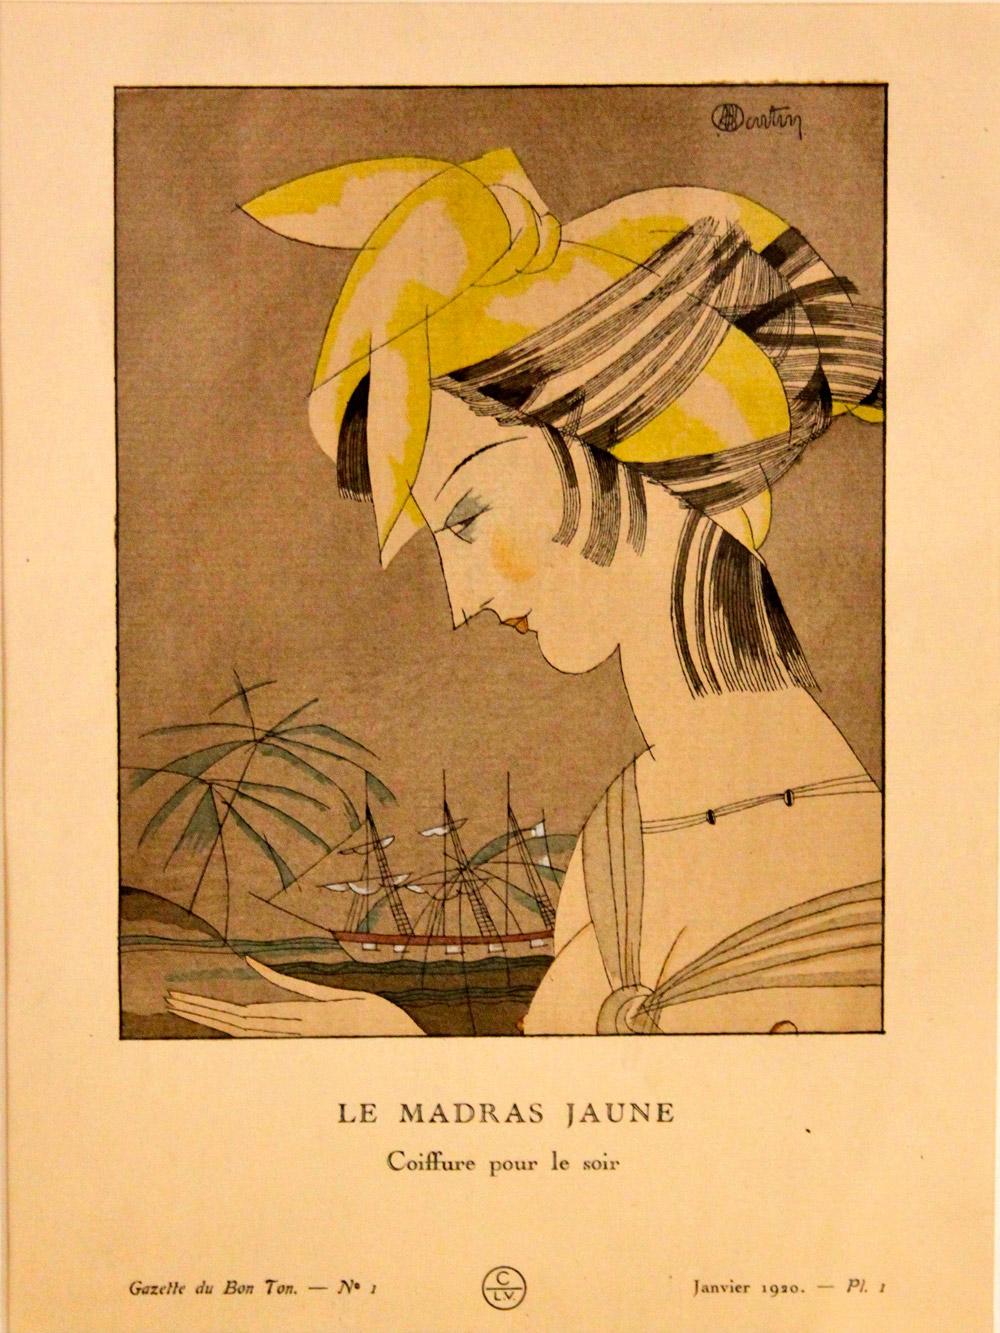 Coiffure pour le soir | Charles Martin | Le madras jaune